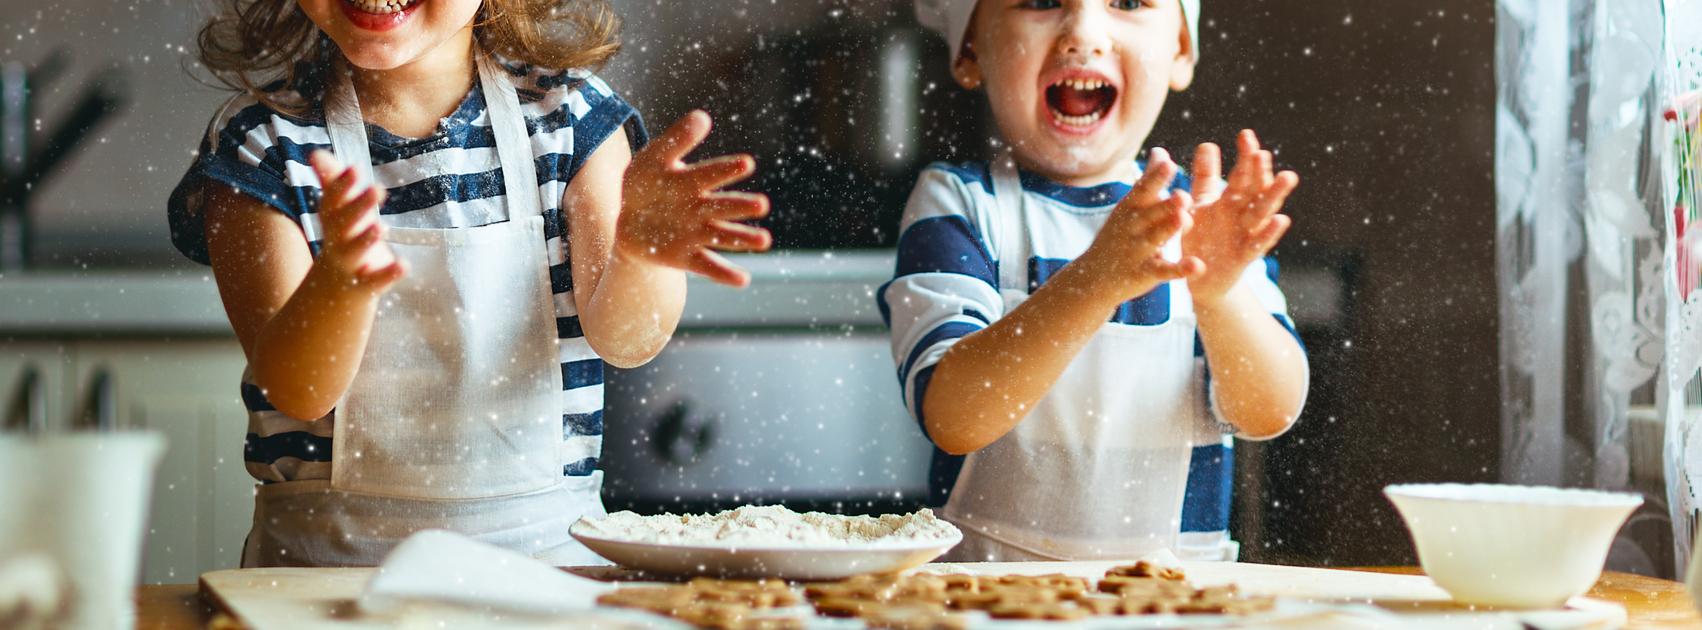 enfants s'amusant en faisant la cuisine